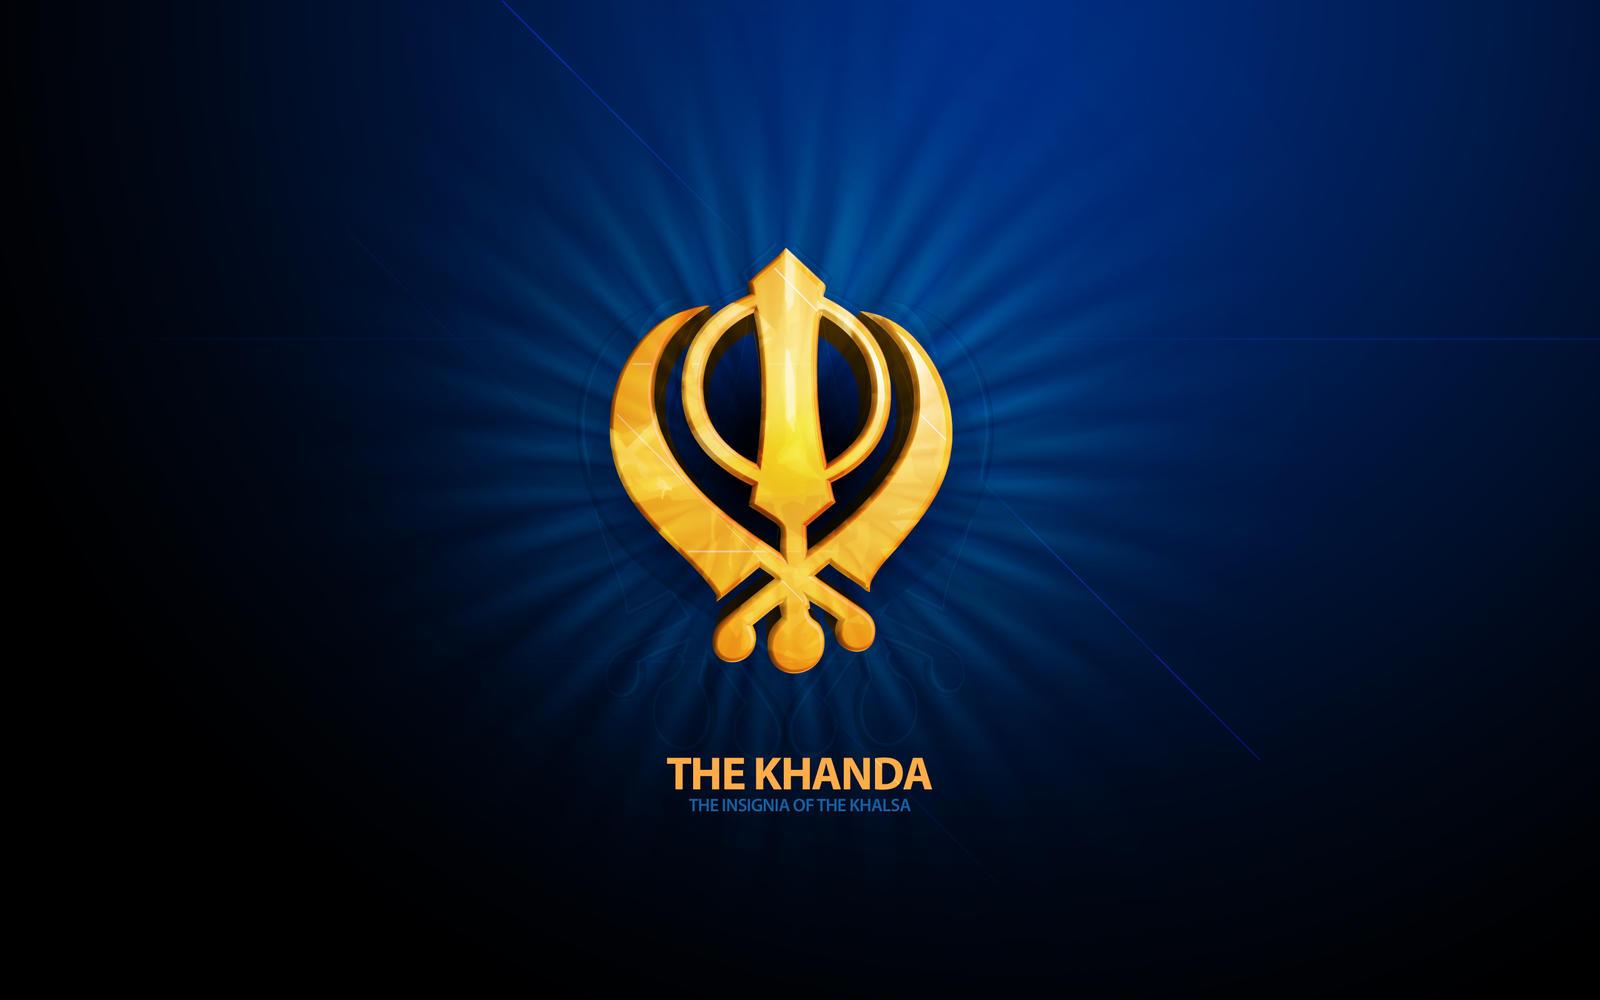 Sikh khanda wallpapertj singh by tj singh on deviantart sikh khanda wallpapertj singh by tj singh biocorpaavc